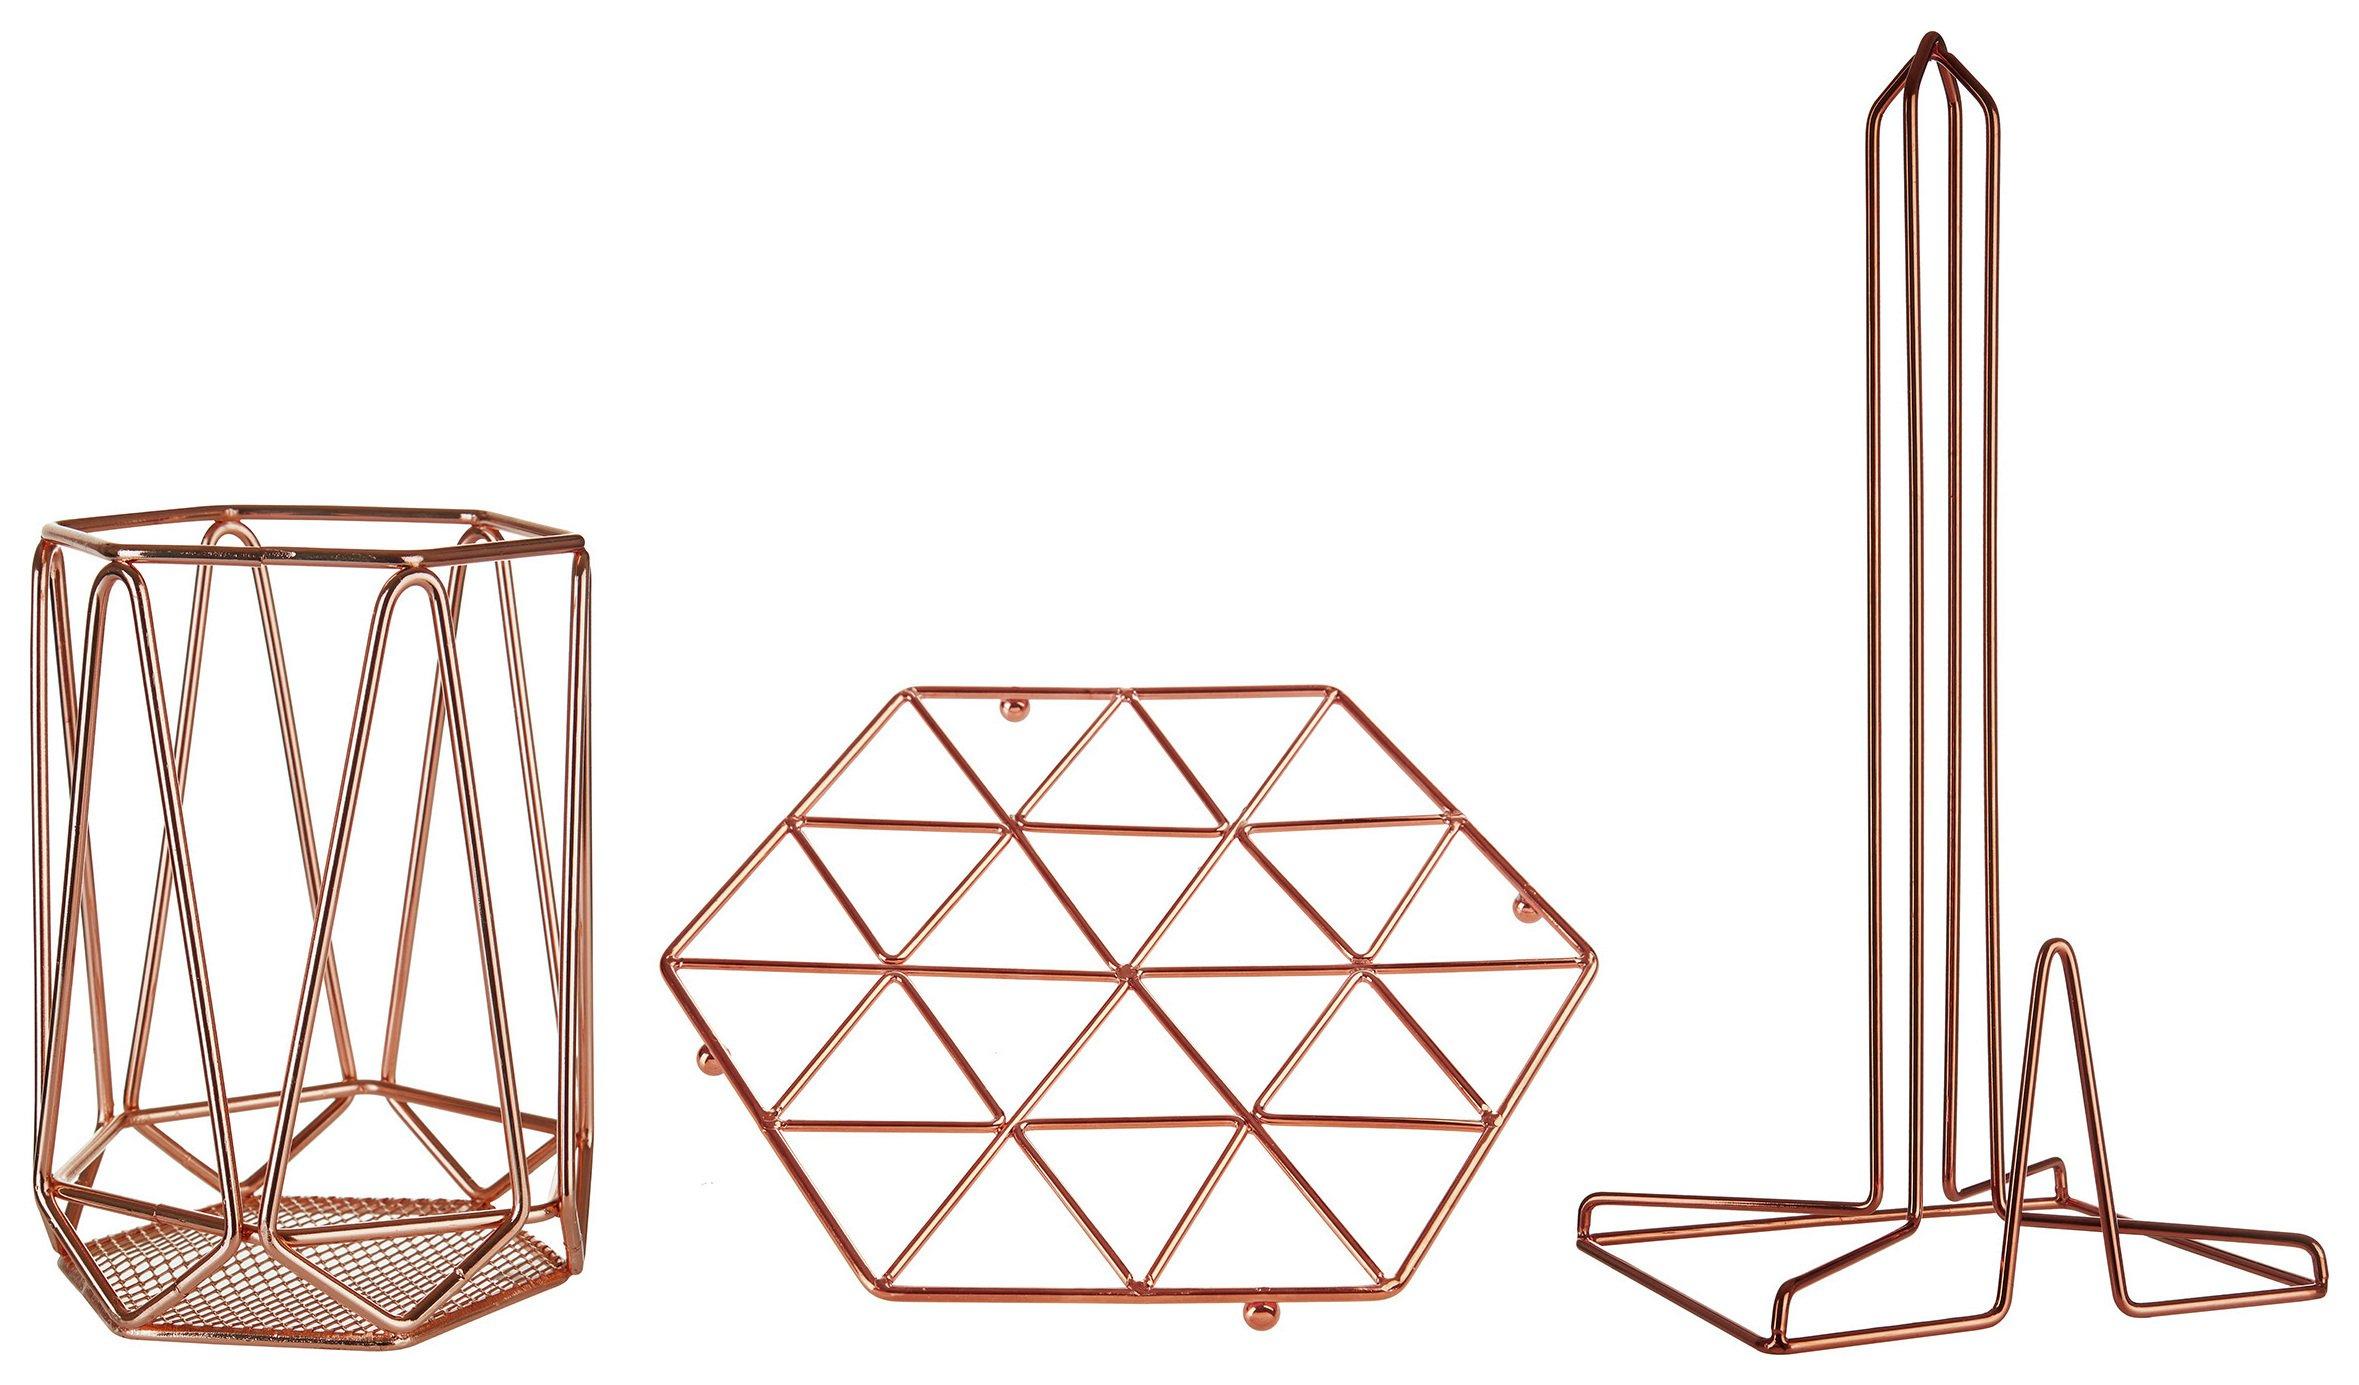 copper kitchen utensil holder organisers vertex finish trivet roll and